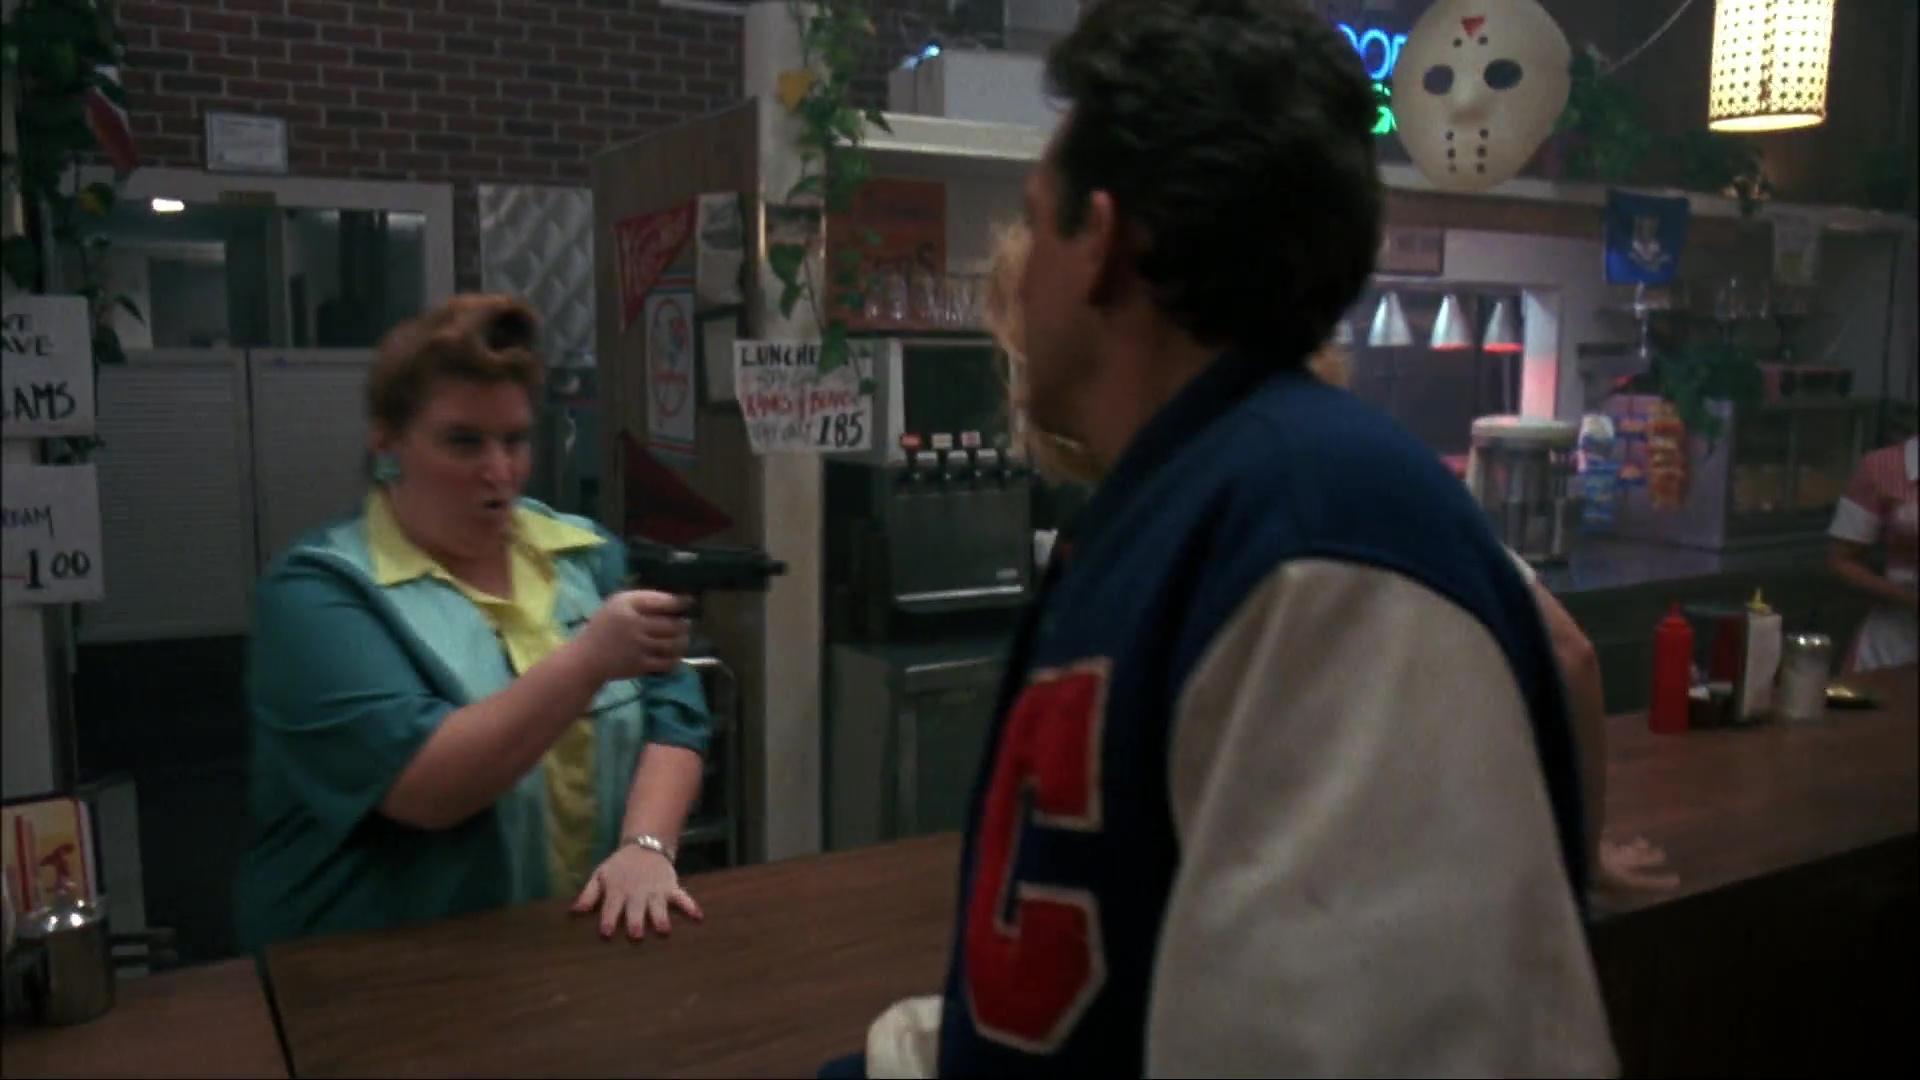 Viernes 13 Parte 9 1080p Lat-Cast-Ing 5.1 (1993)